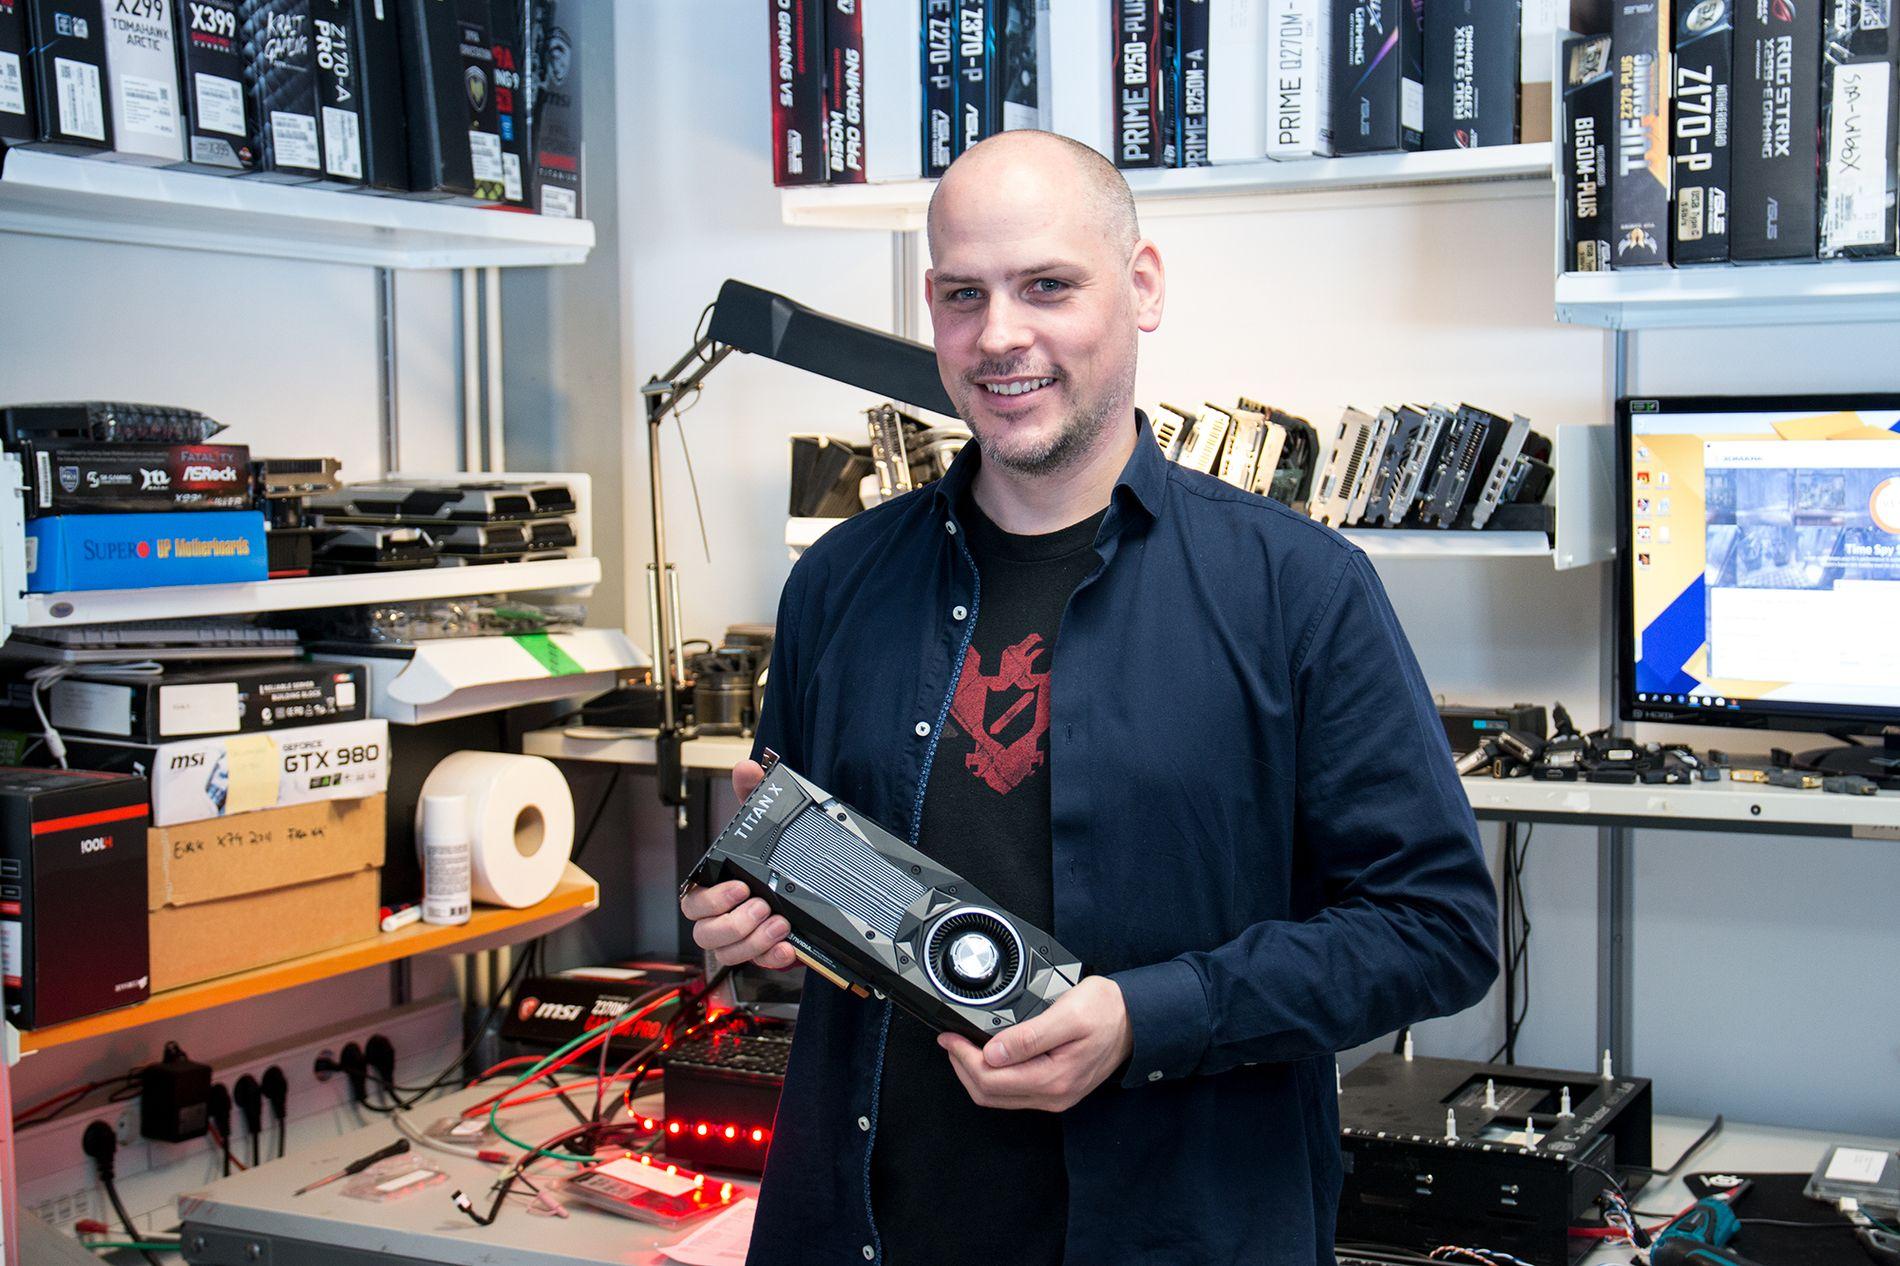 André Løver omringet av de nyeste grafikkortene, inne i testrommet hos Komplett.